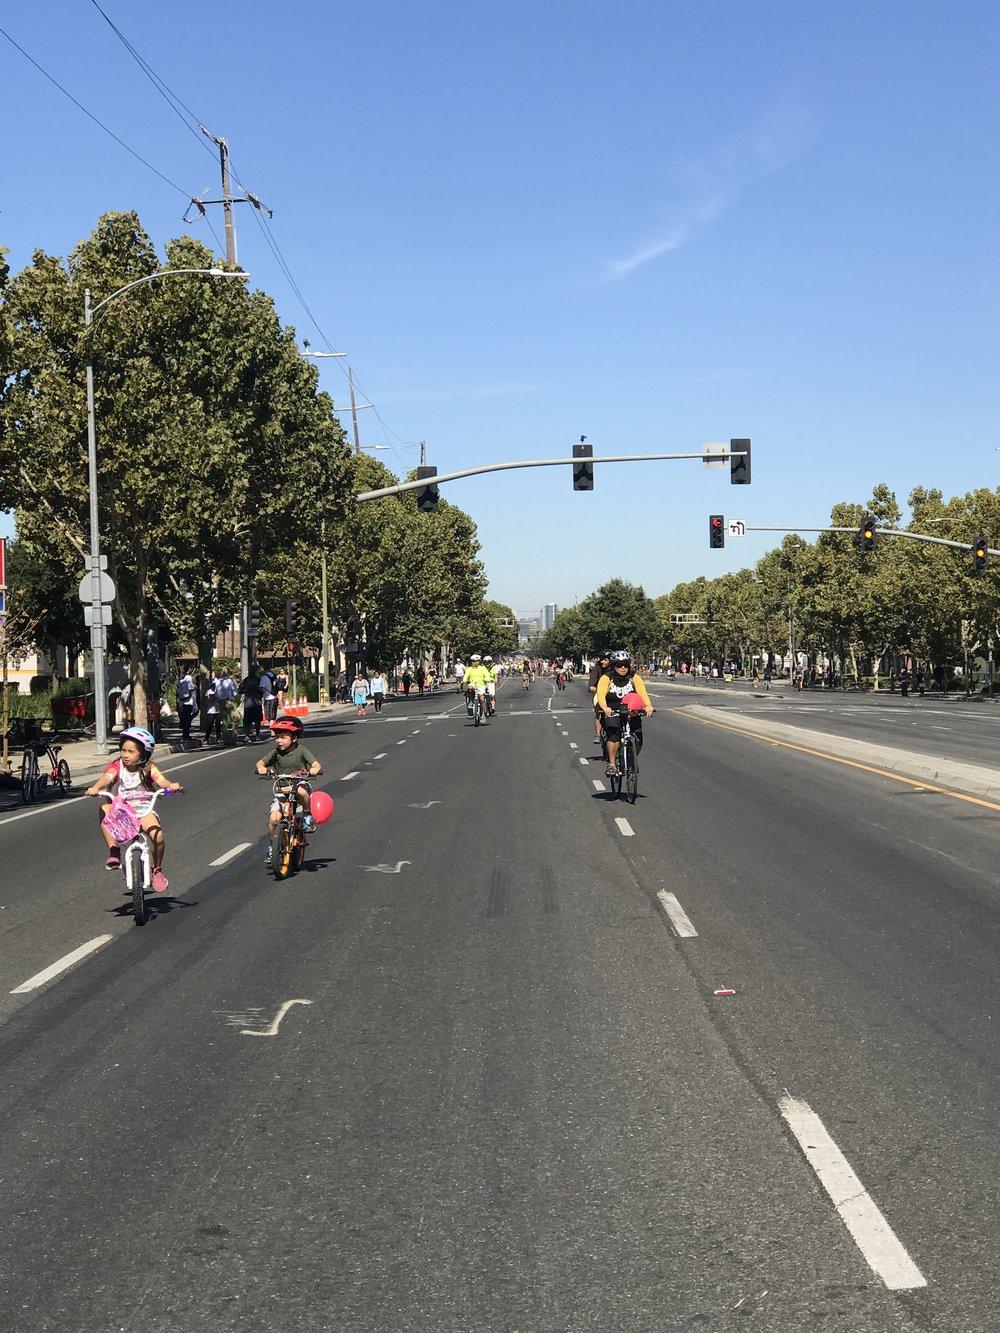 Tha hồ cho các em nhỏ tập xe trên đường.